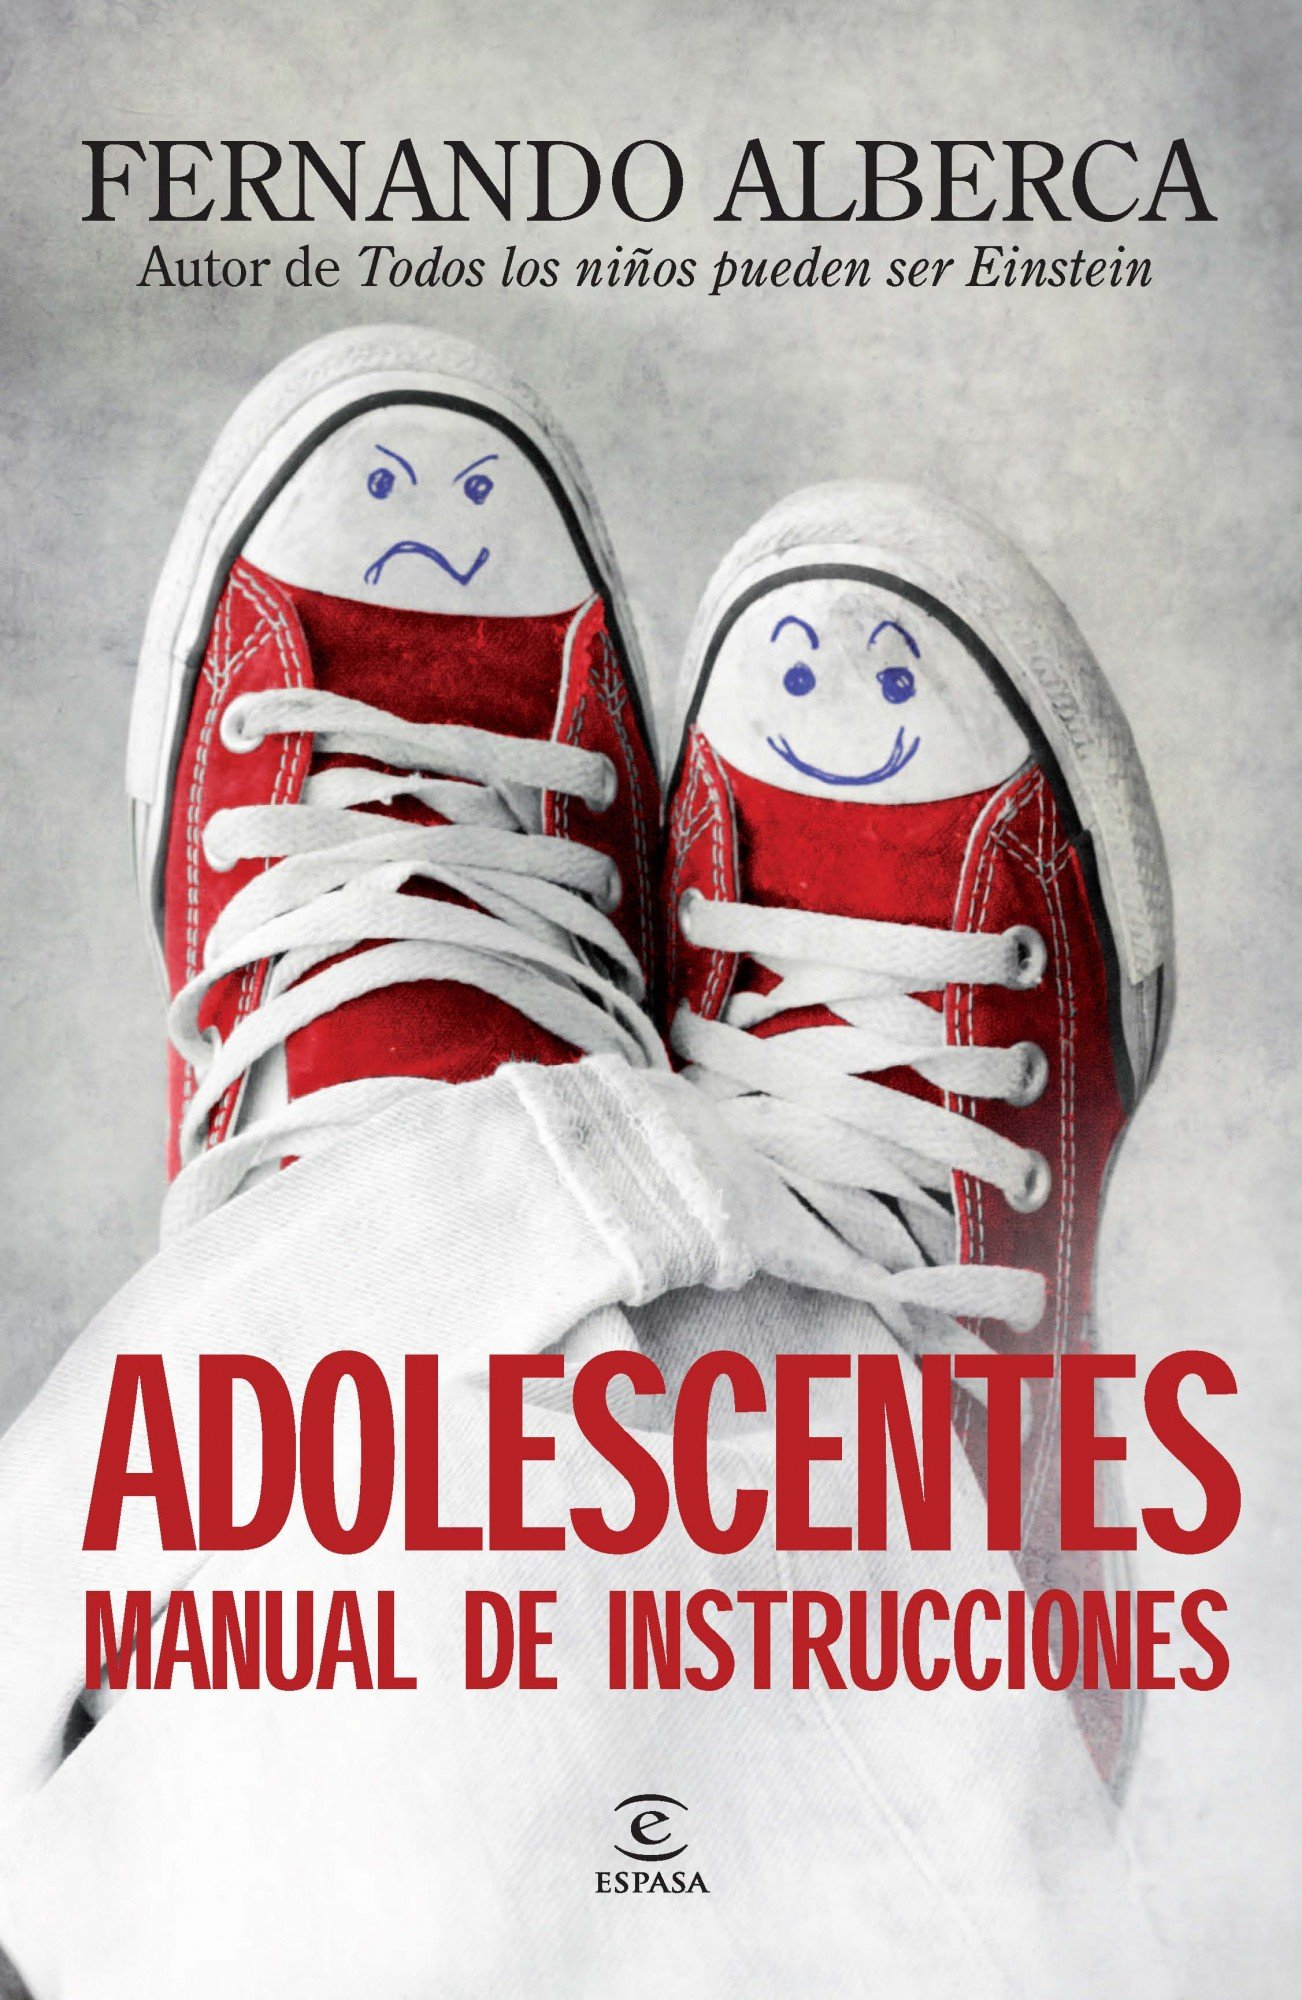 Adolescentes manual de instrucciones (Spanish) Paperback – September 11,  2012